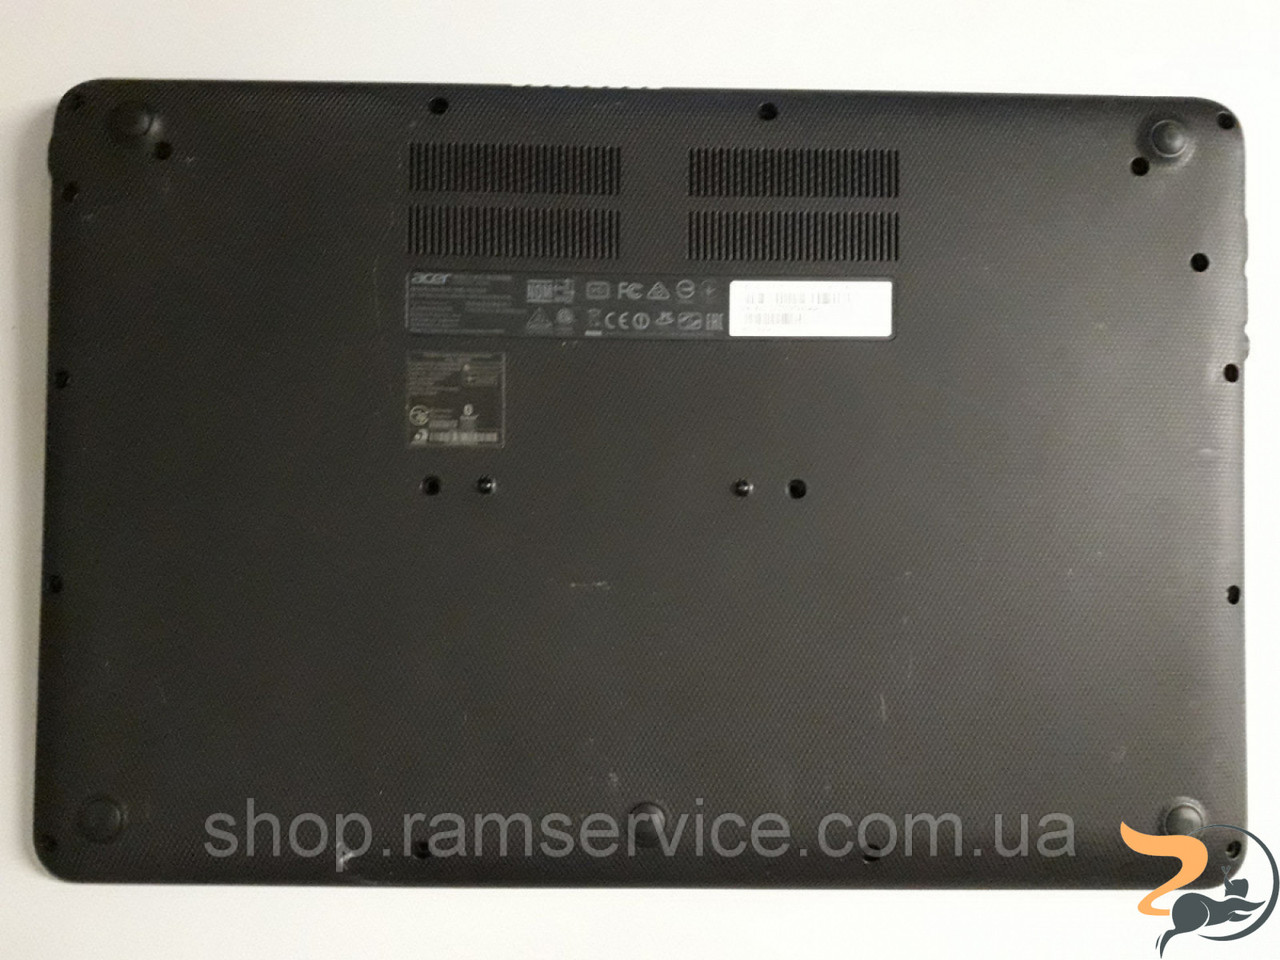 Нижня частина корпуса для ноутбука Acer CB3-531, б/в